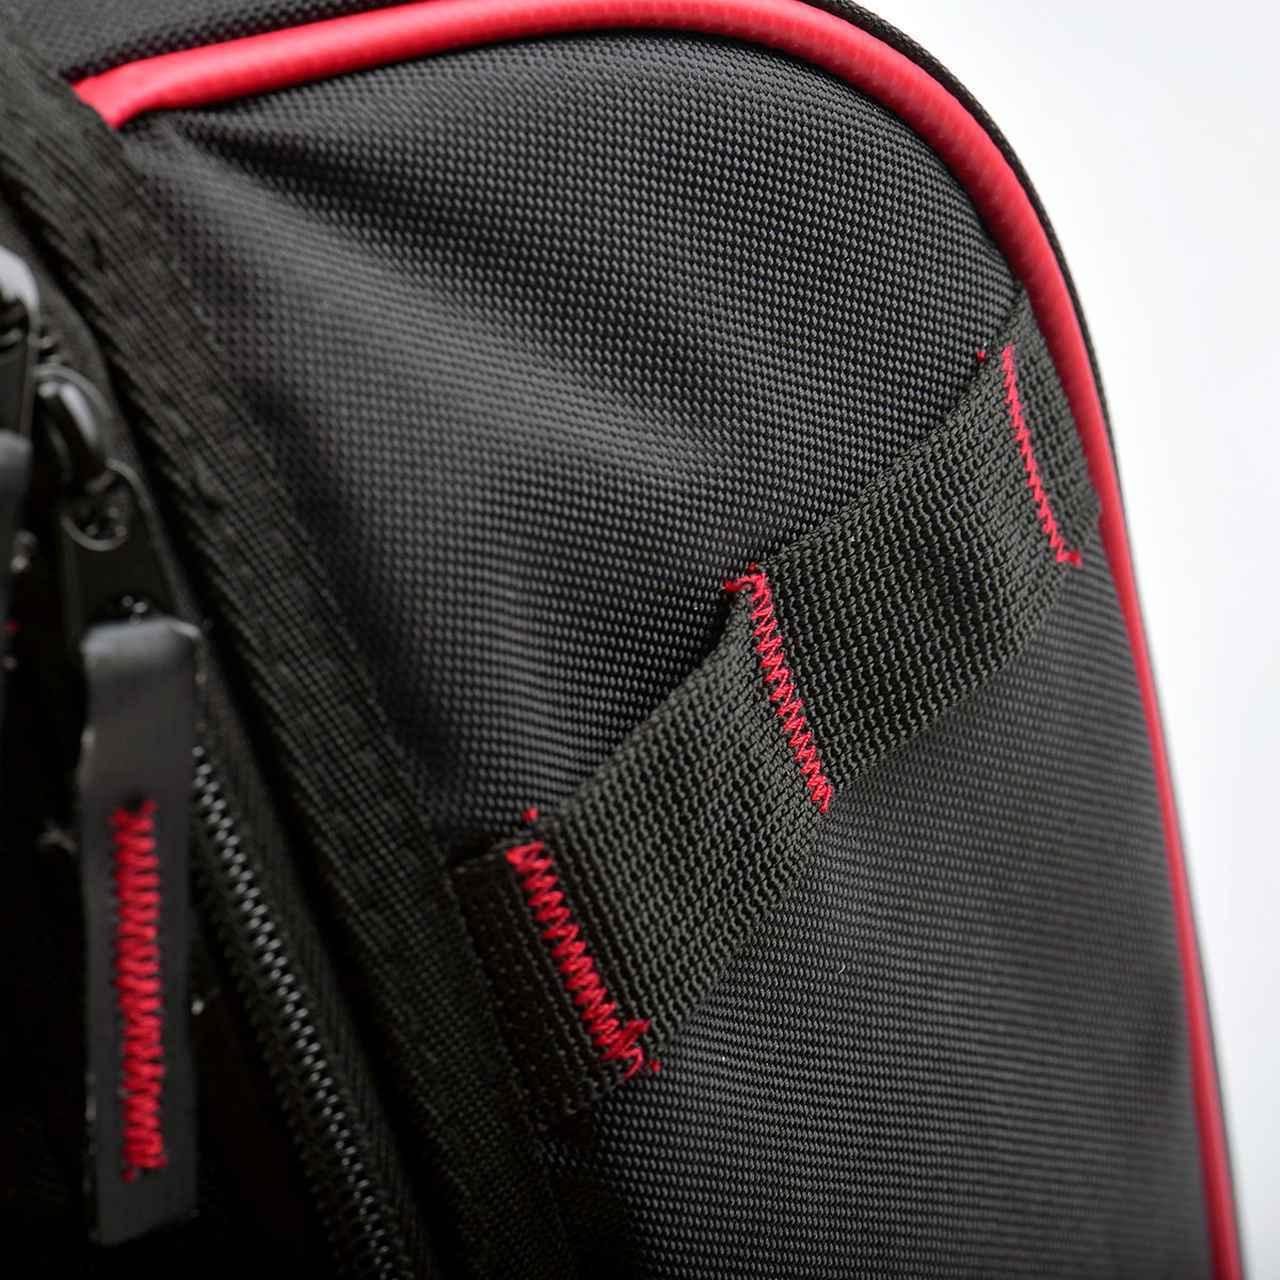 画像5: ヘルメット+小物ギアはバッグにまとめてスマートに